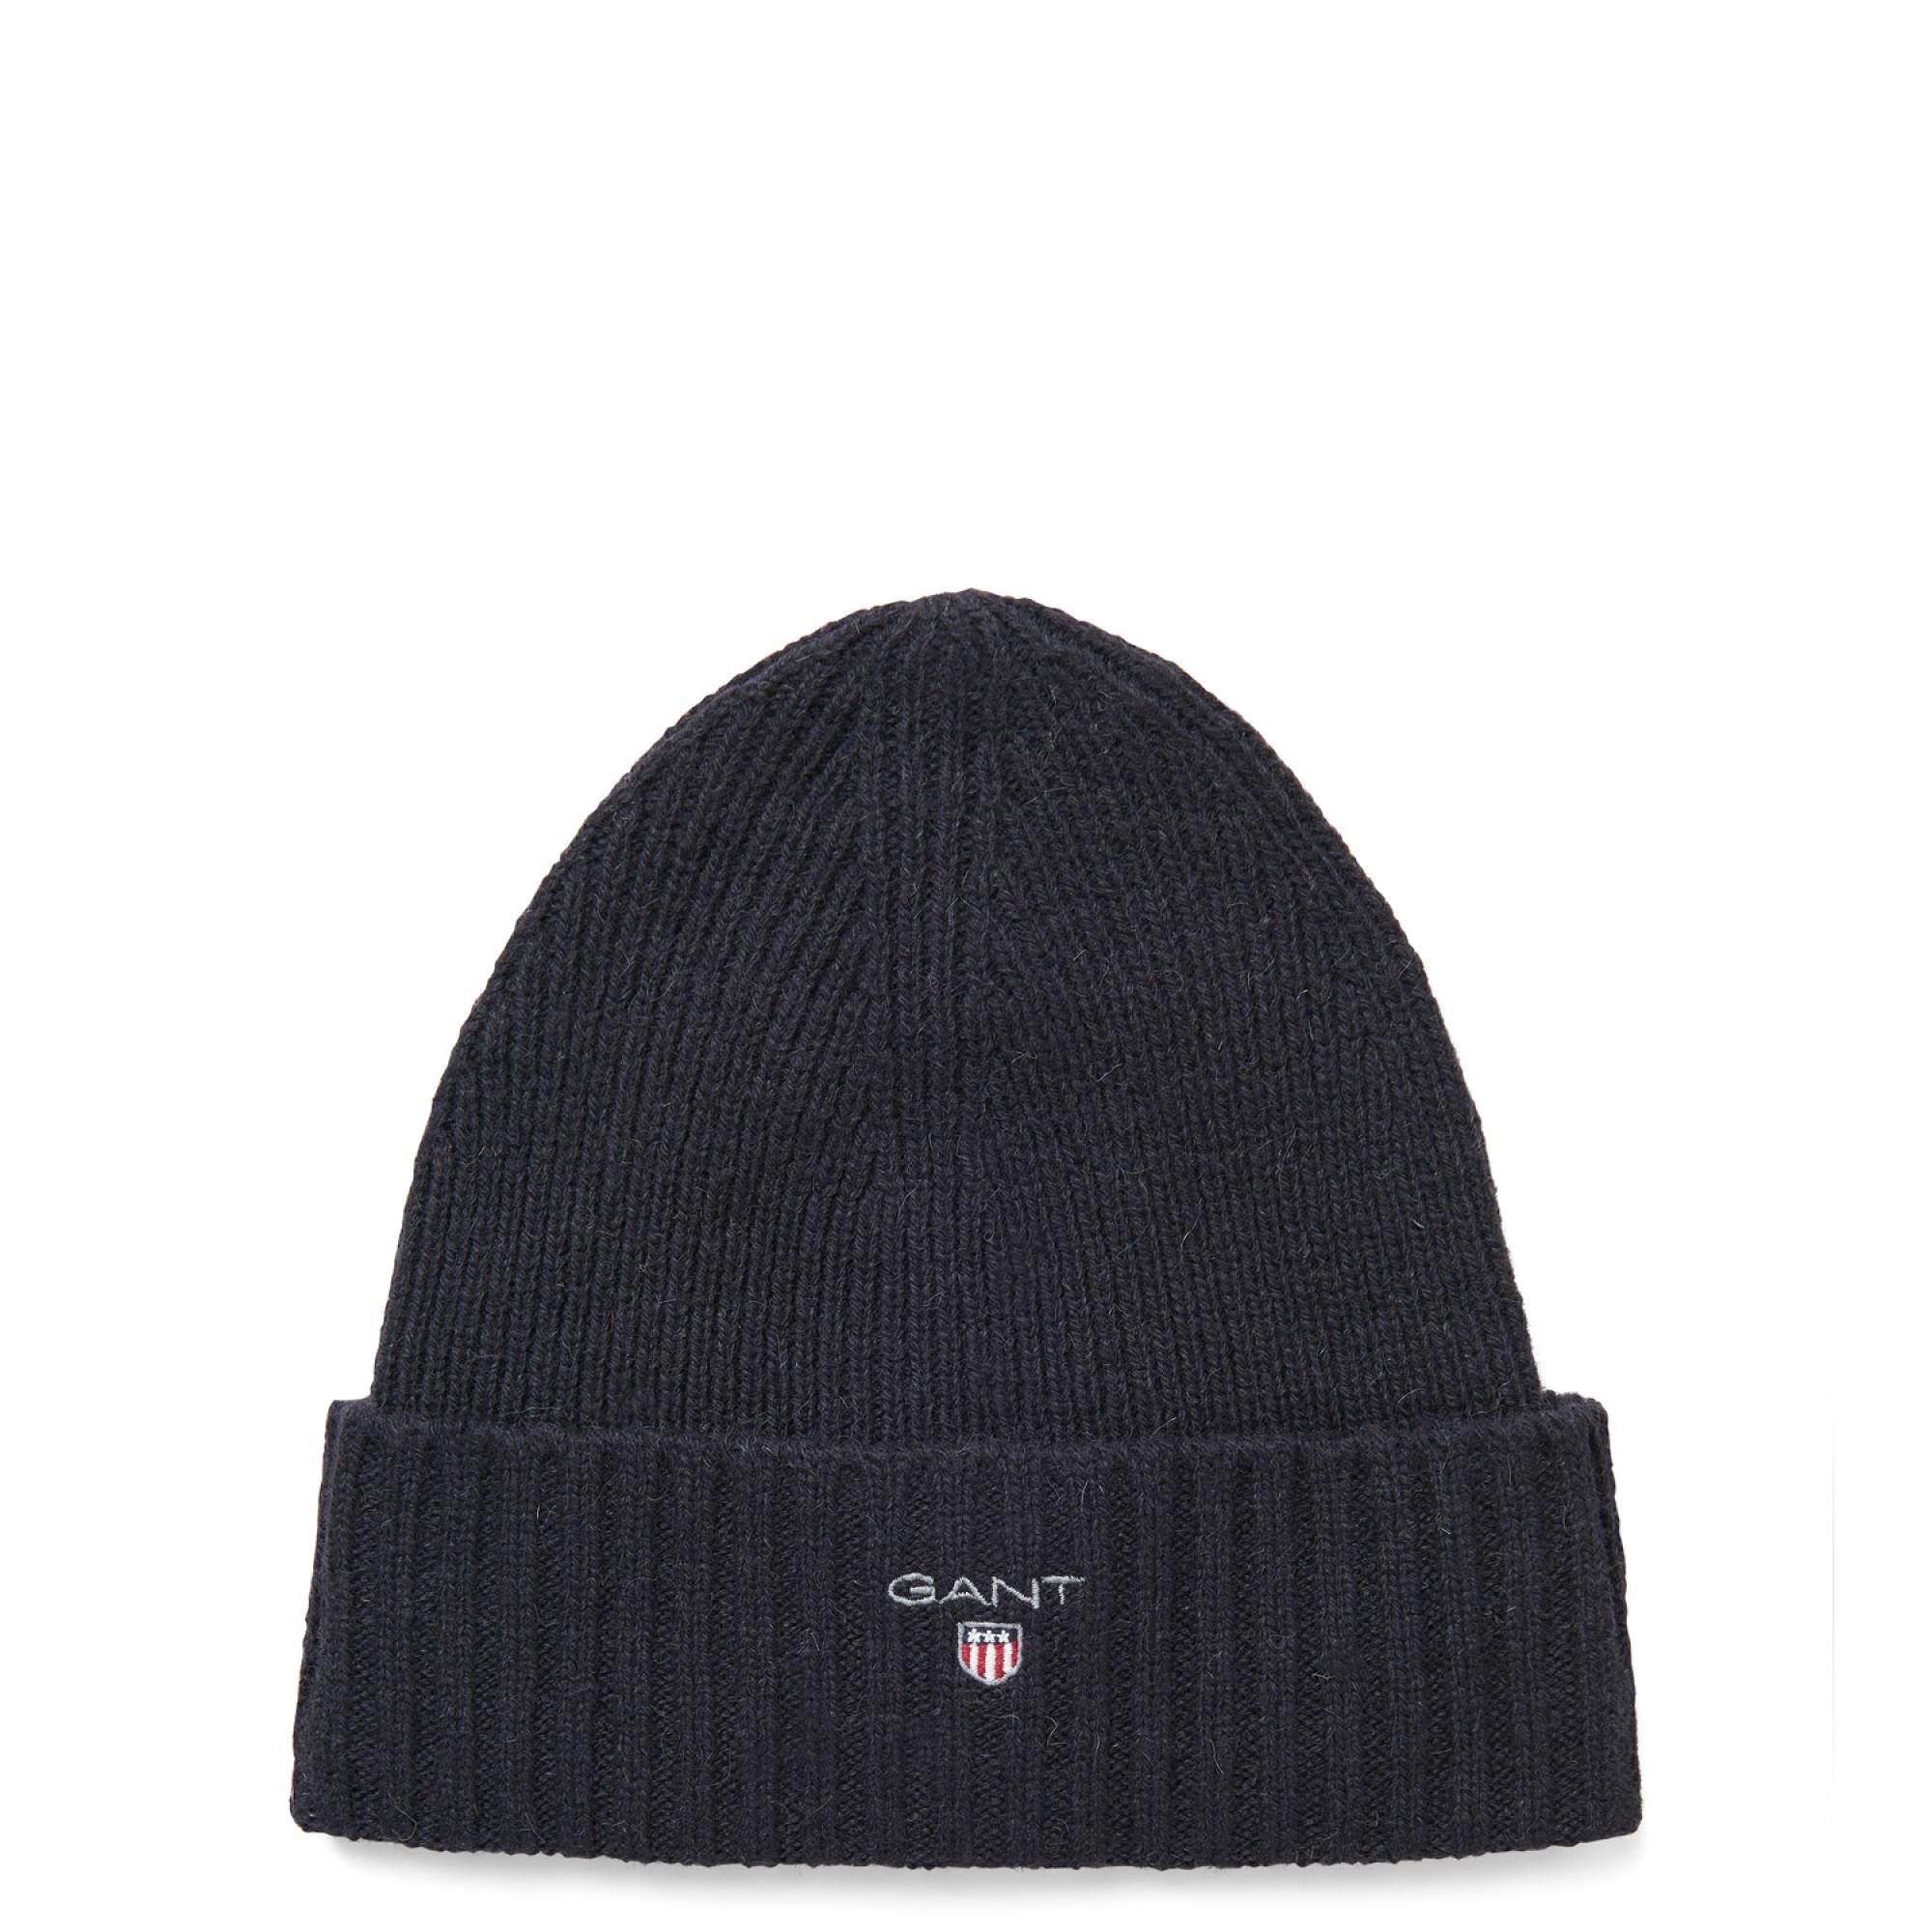 Gant Wool Lined Beanie in Black for Men - Lyst 0ba9e5e2223